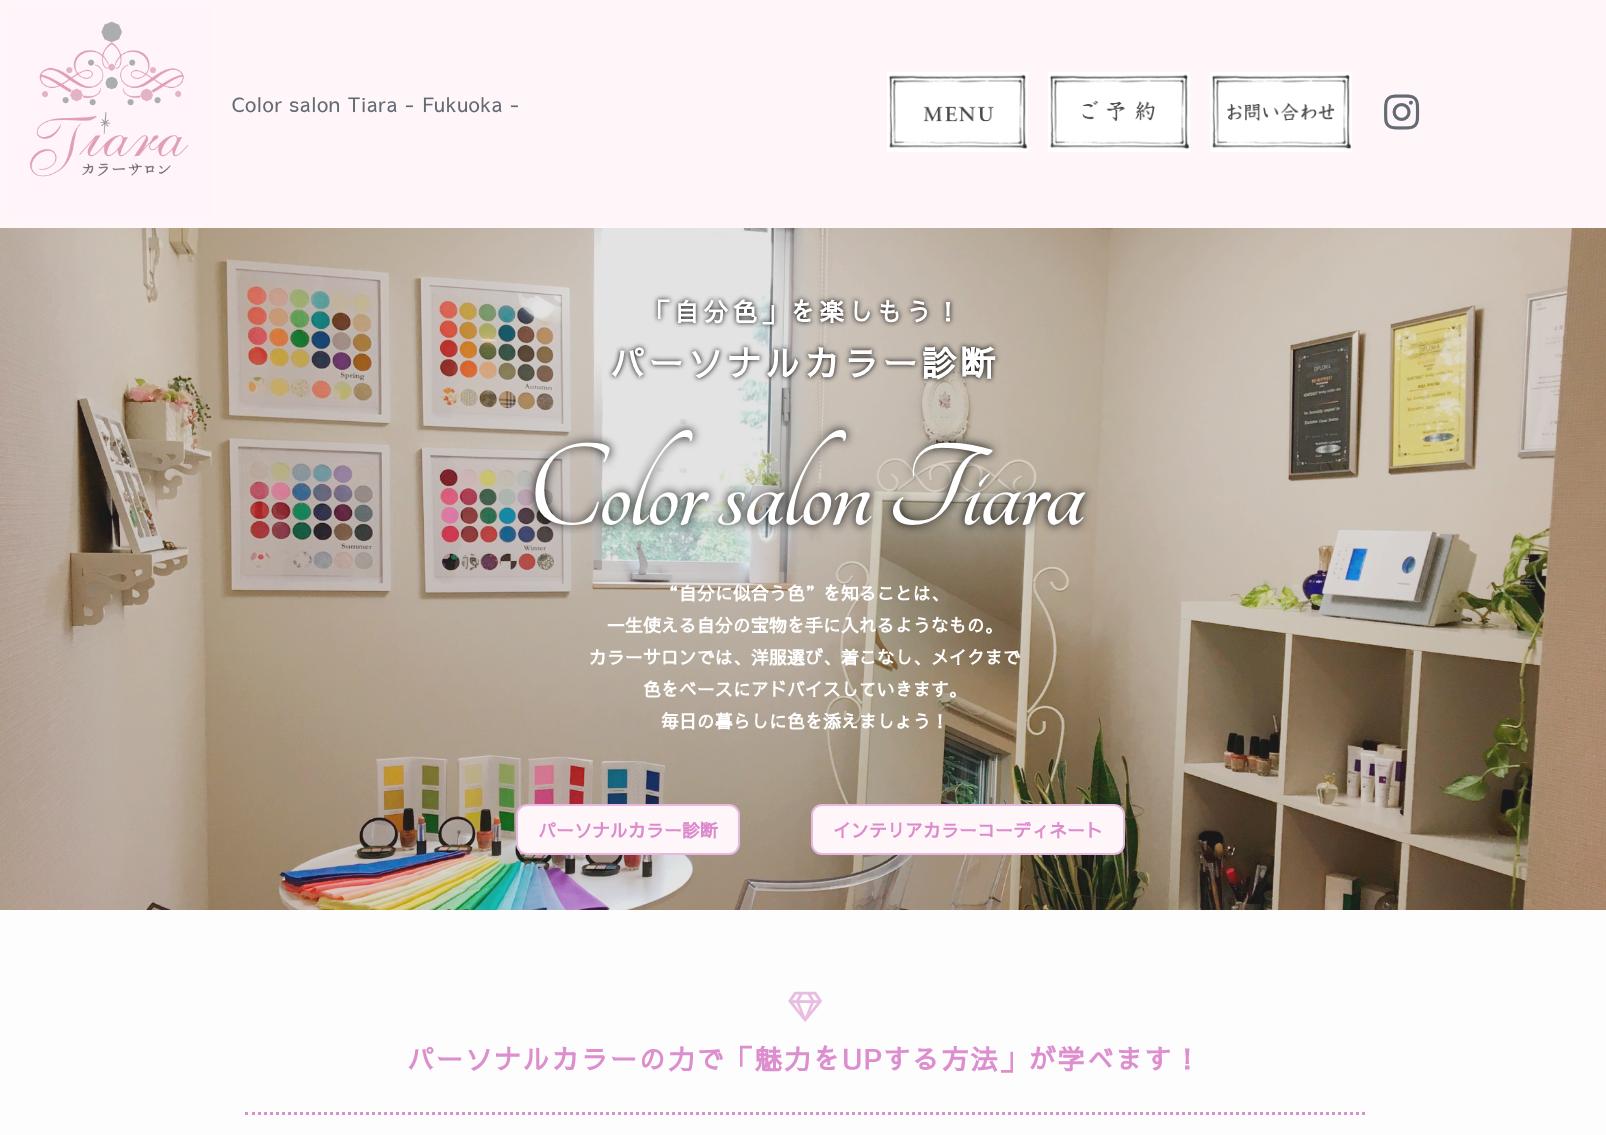 カラーサロンホームページ